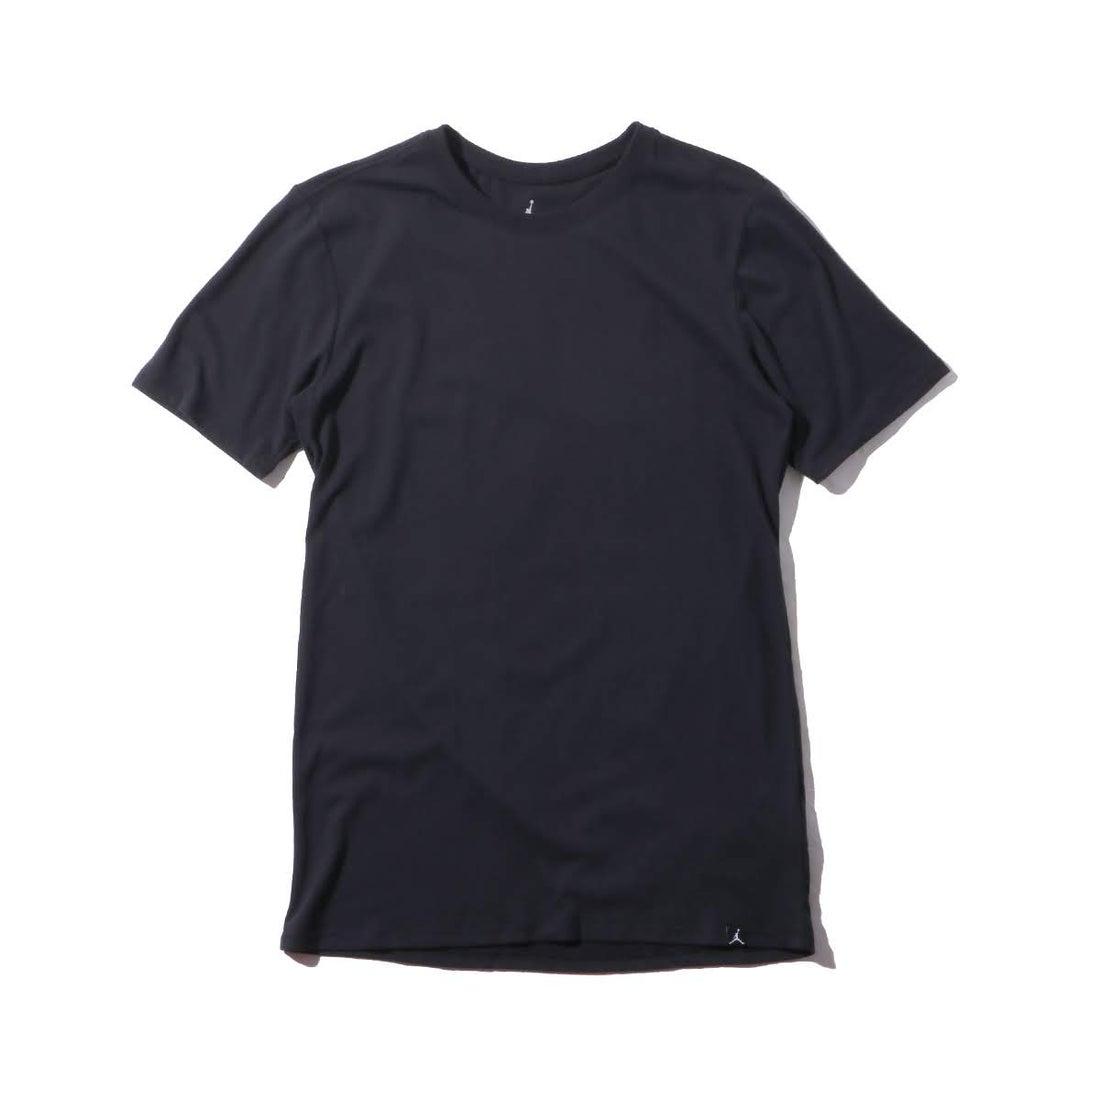 ロコンド 靴とファッションの通販サイトナイキ NIKE NIKE JORDAN CLUTCH TEE (BLACK)